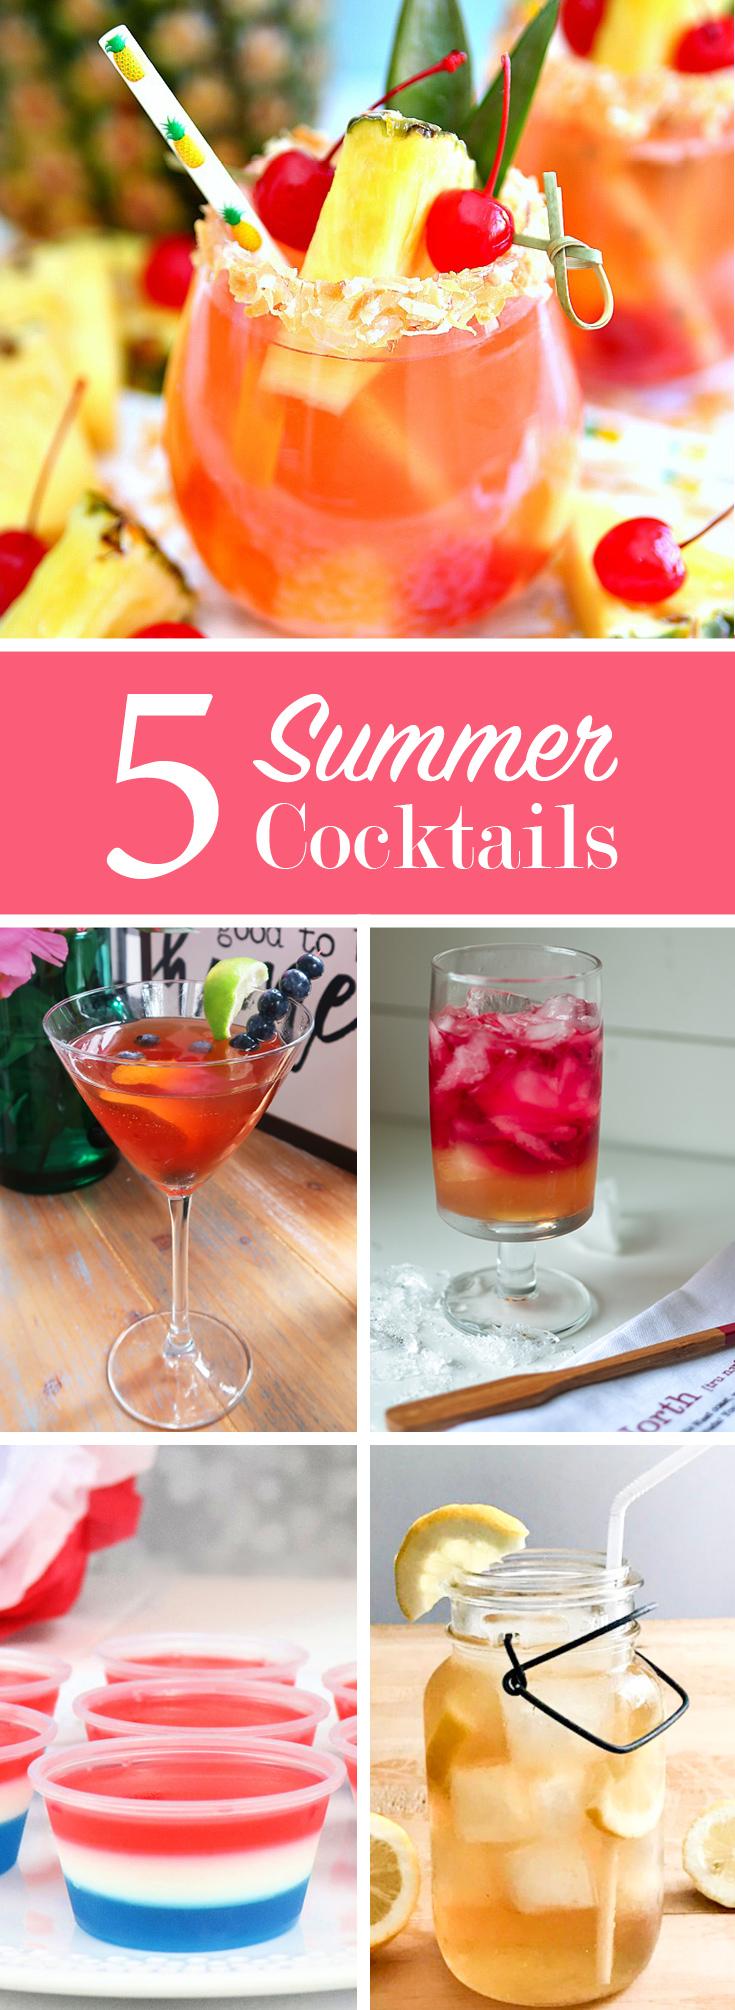 5 Summer Cocktails